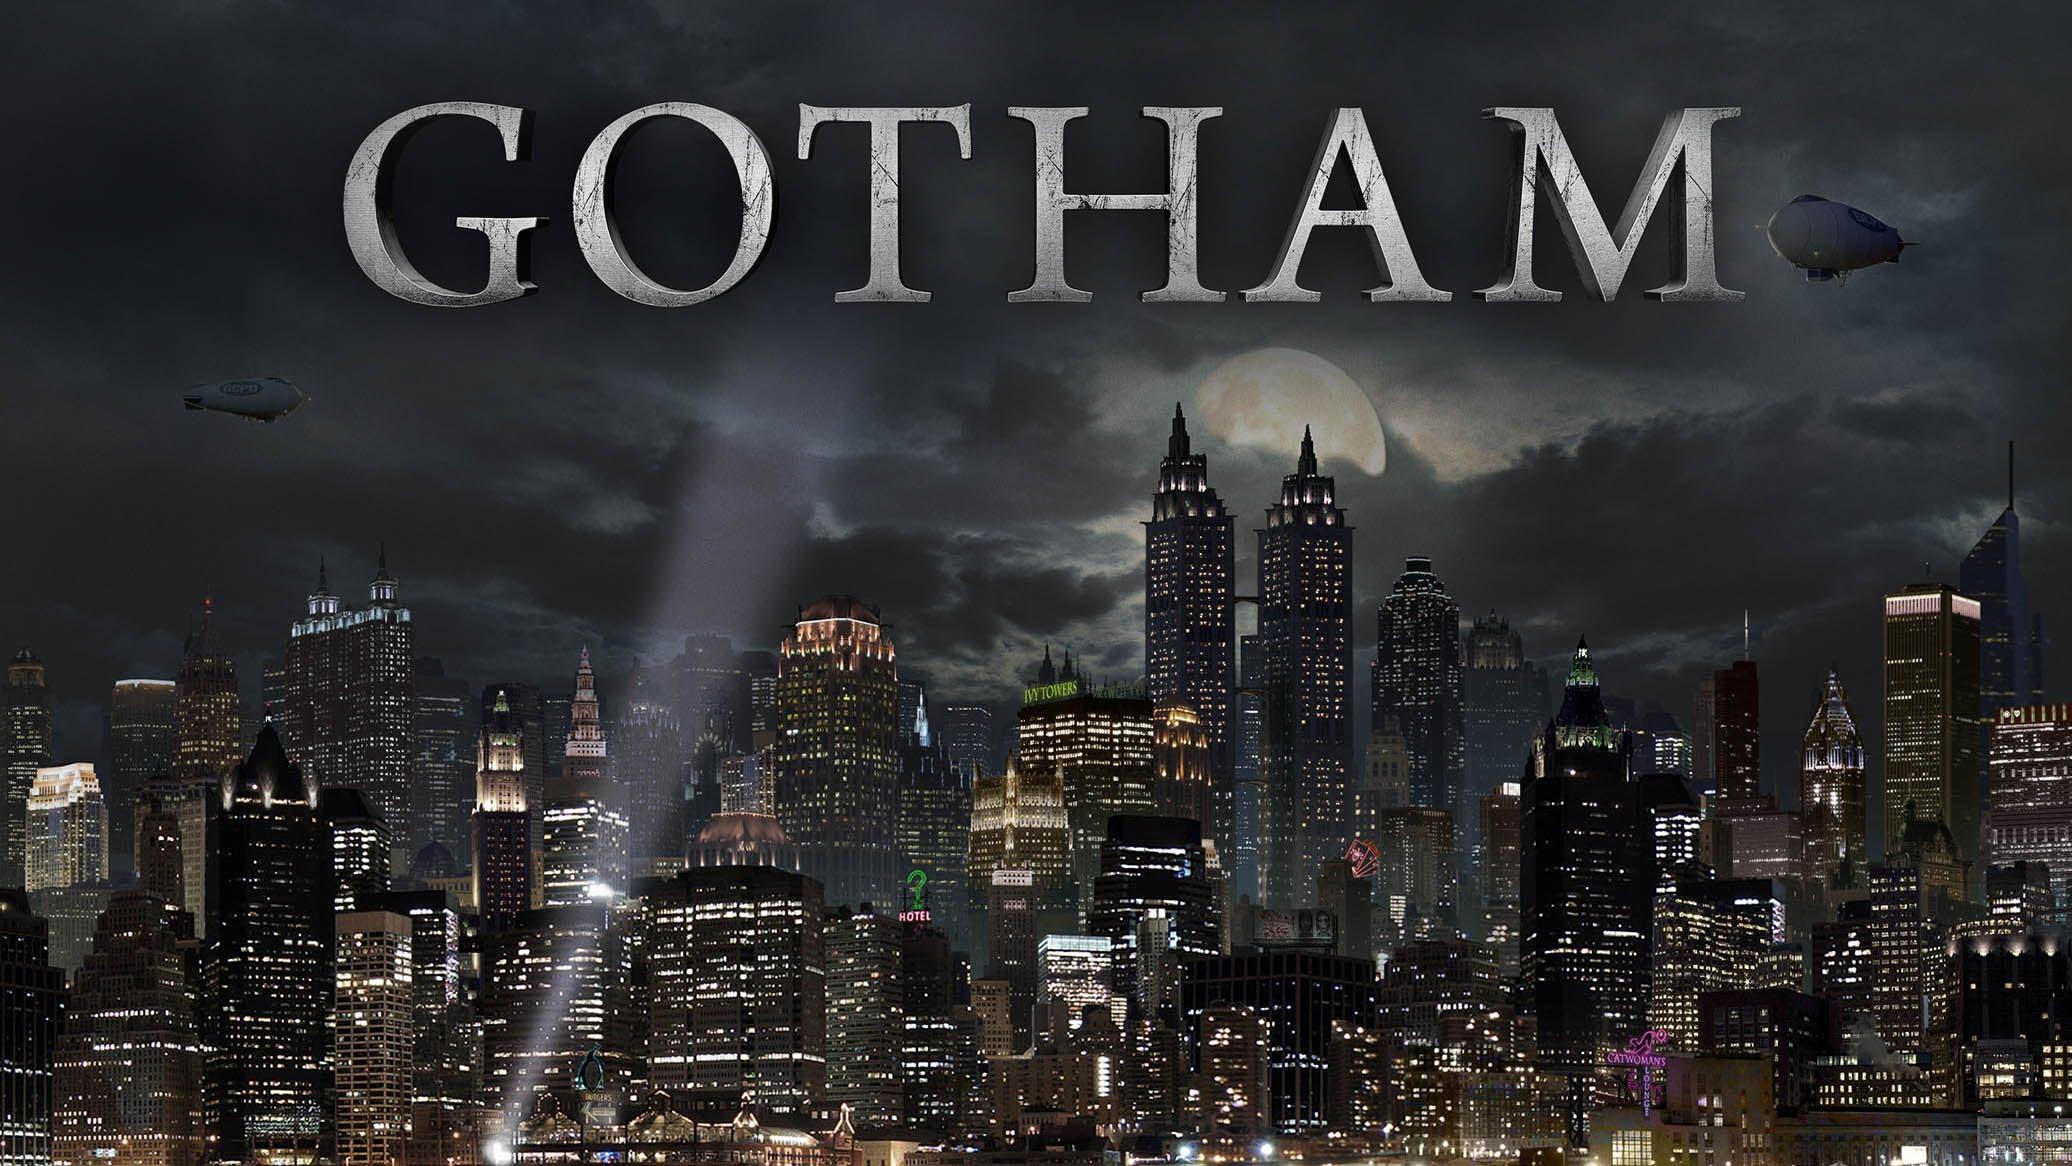 Gotham premiere date in Brisbane